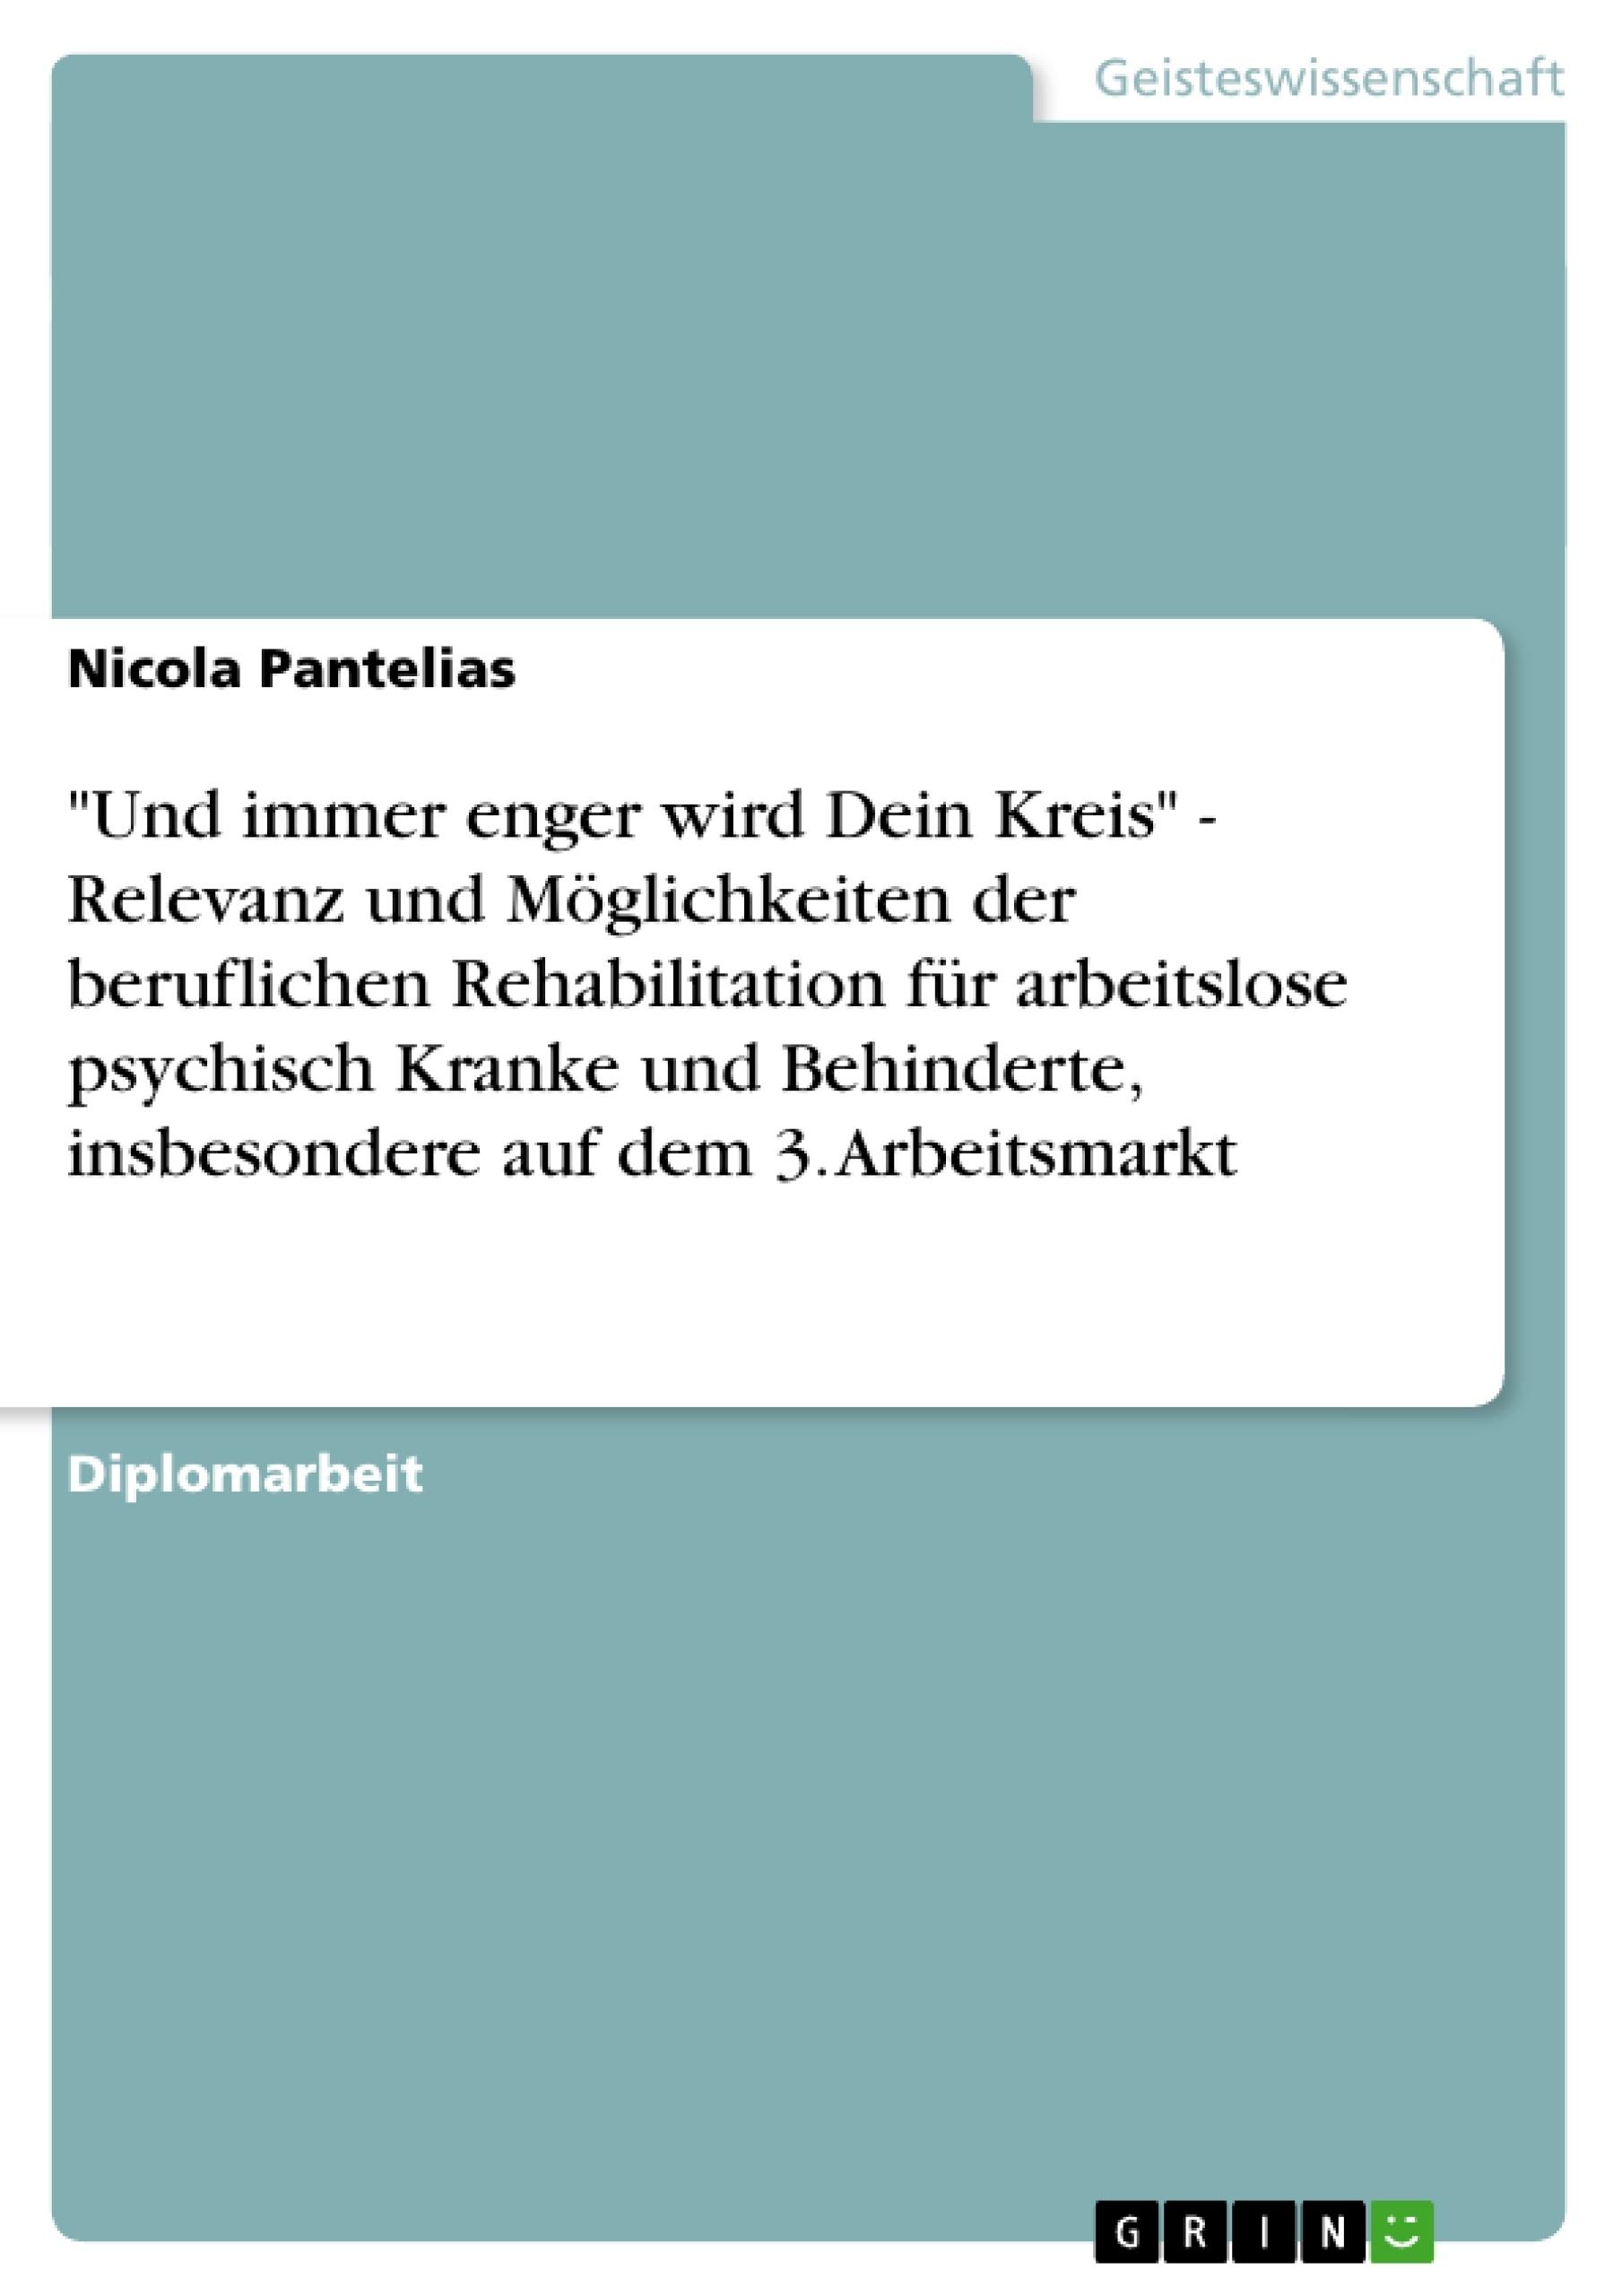 """Titel: """"Und immer enger wird Dein Kreis"""" - Relevanz und Möglichkeiten der beruflichen Rehabilitation für arbeitslose psychisch Kranke und Behinderte, insbesondere auf dem 3. Arbeitsmarkt"""